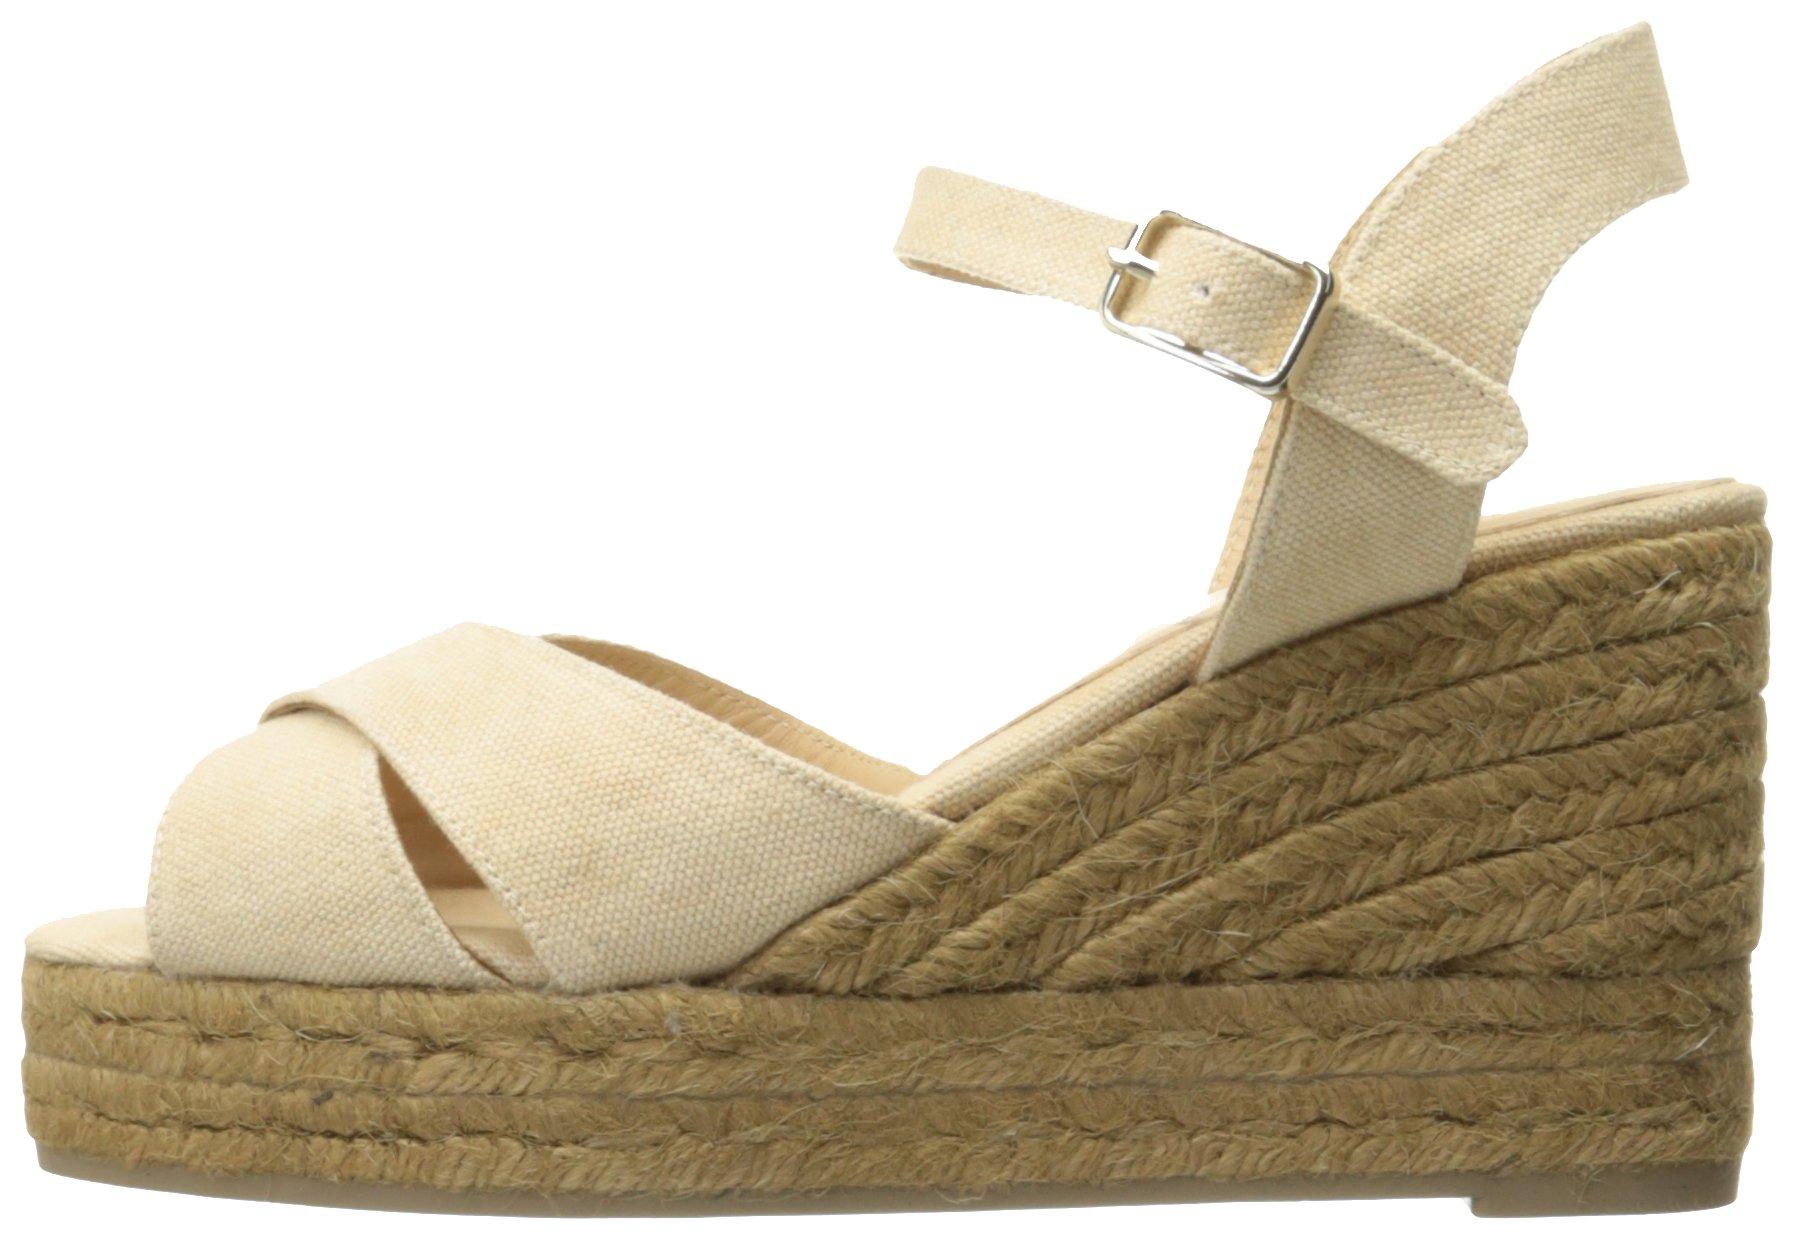 Castaner Women's Blaudell Platform Sandal, Nude (Beige), 37 EU/6.5 N US by Castaner (Image #5)